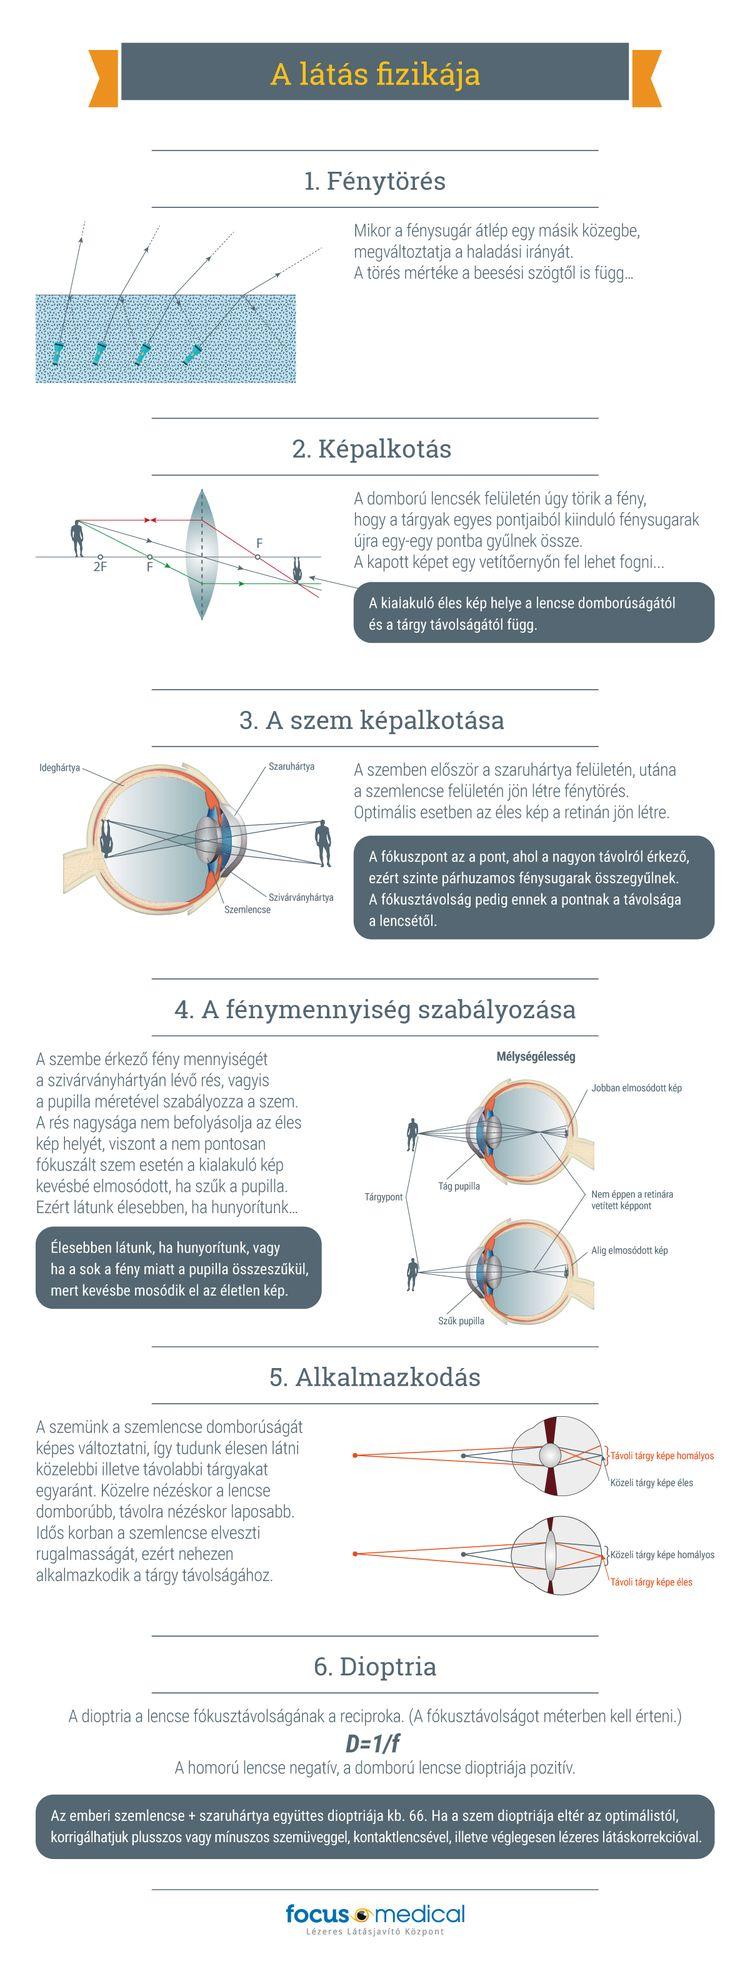 Titkos jelek – a rúnajóslás | BorsOnline - Sztárhírek - Pletyka - Krimi - Politika - Sport